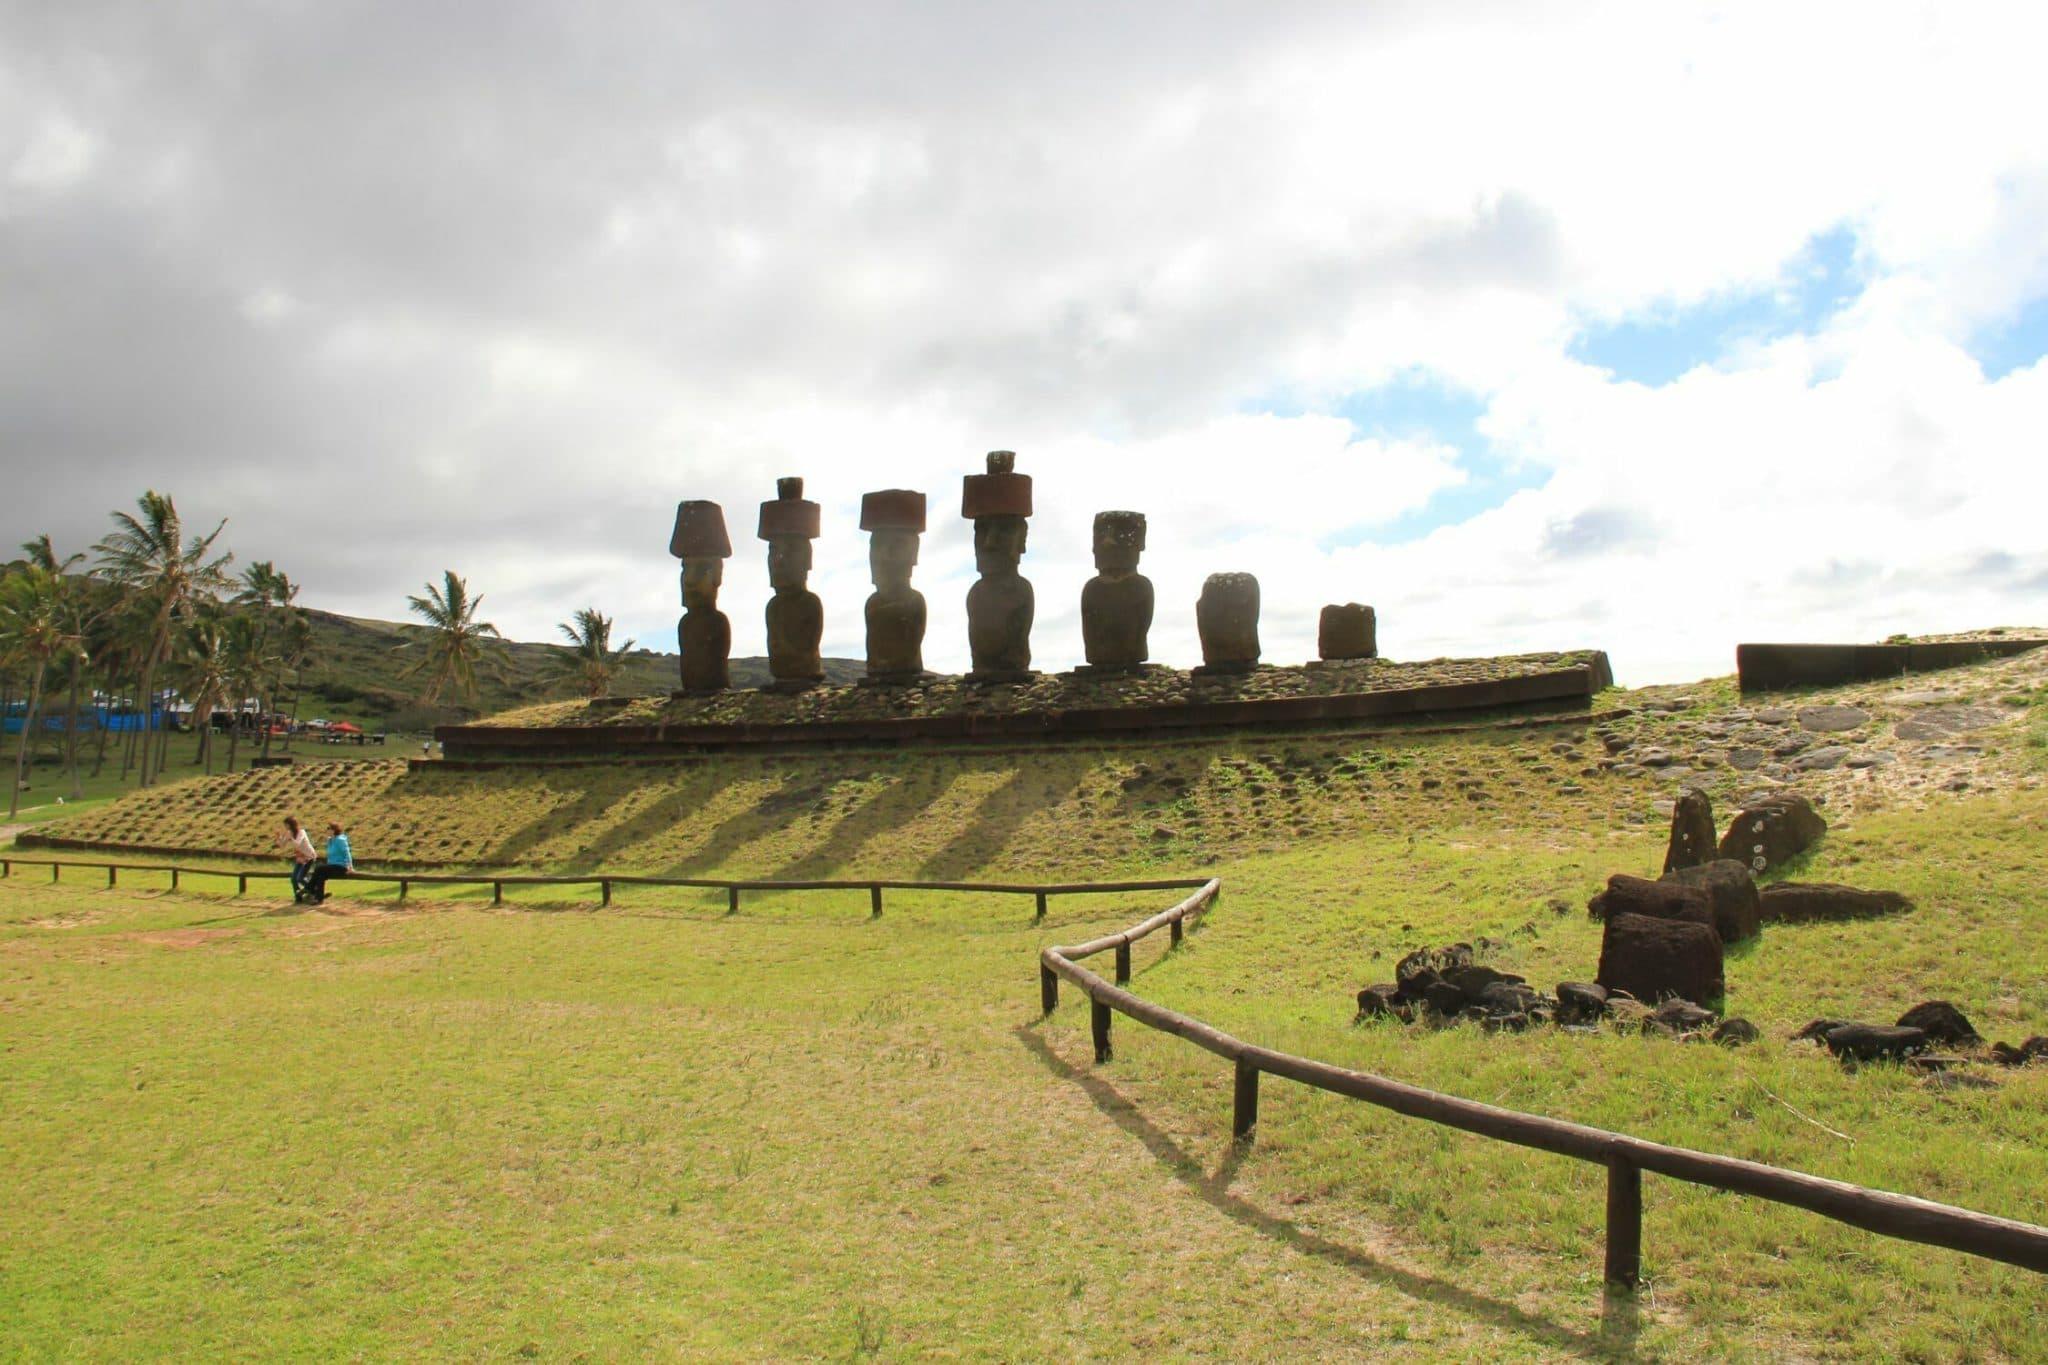 Группа моаи на страже